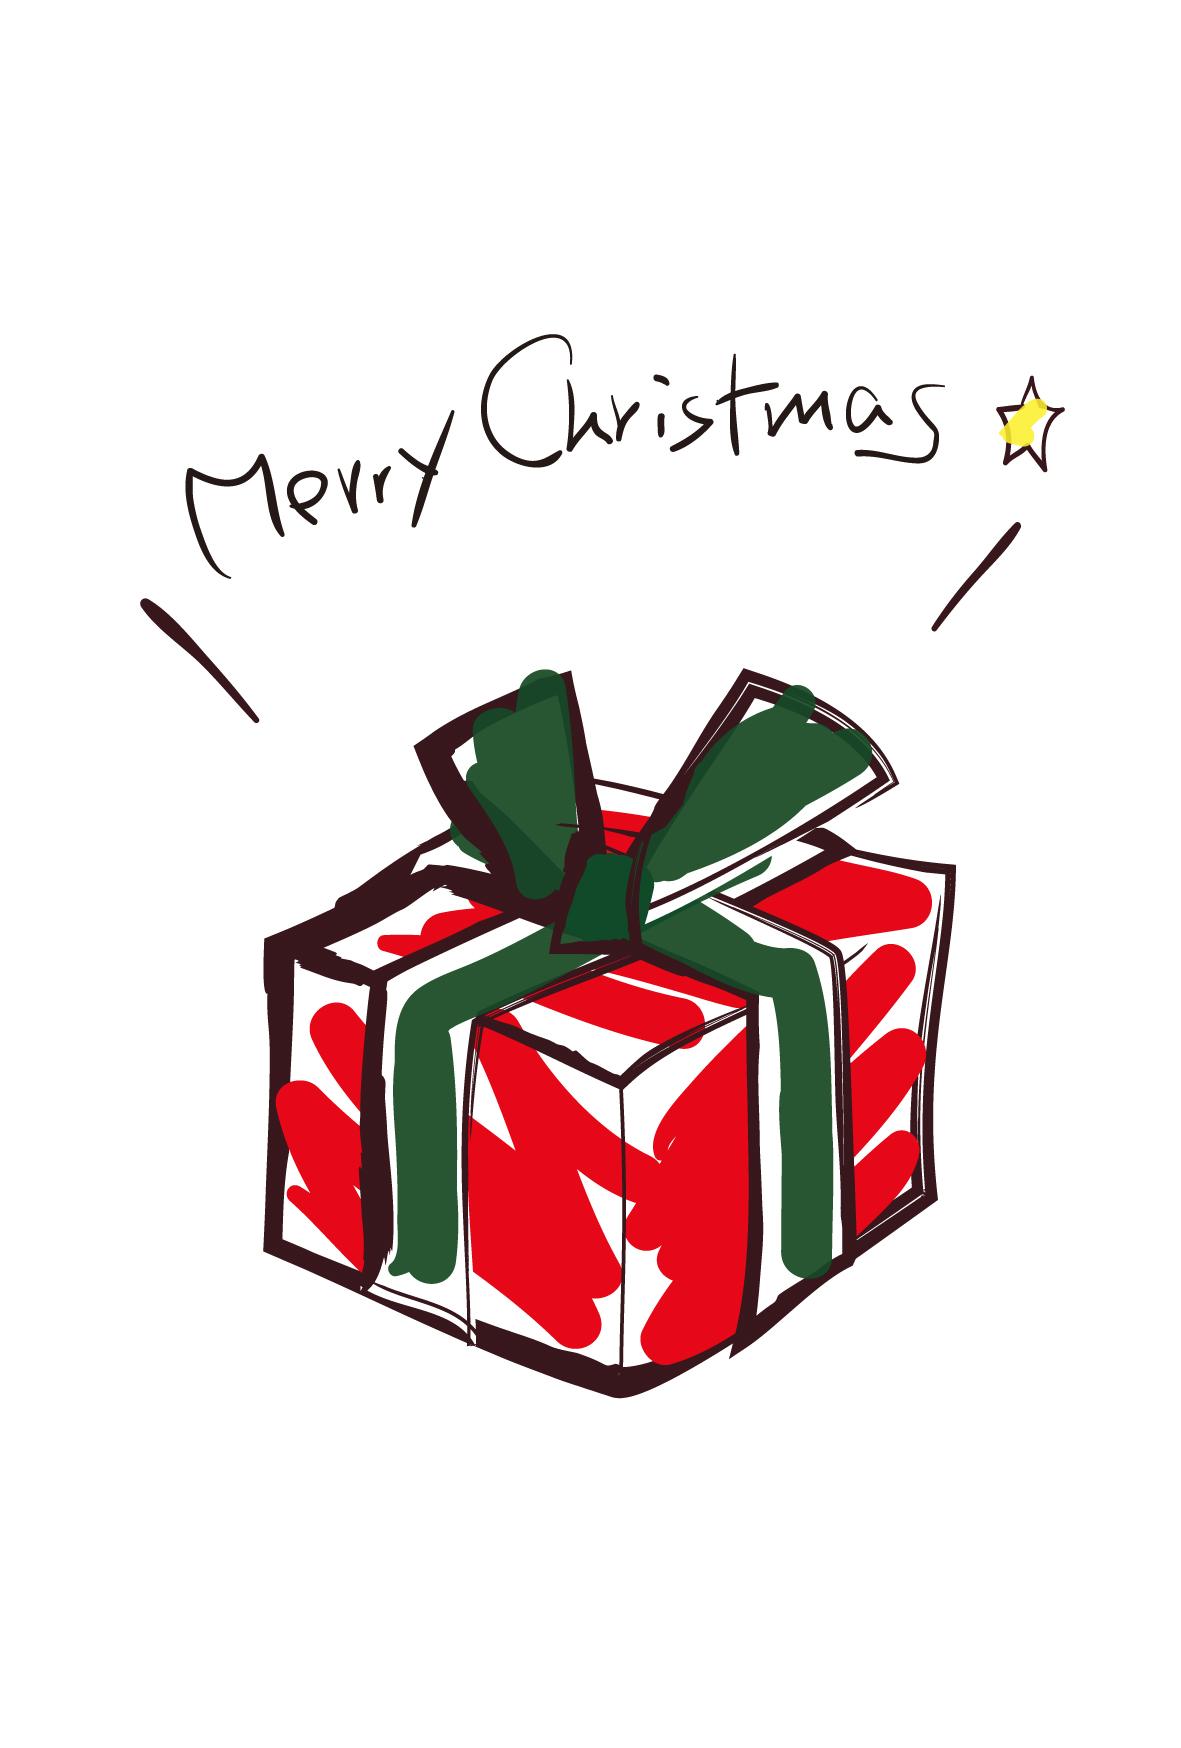 クリスマスのはがき・かわいいプレゼント-ダウンロード|かわいい無料